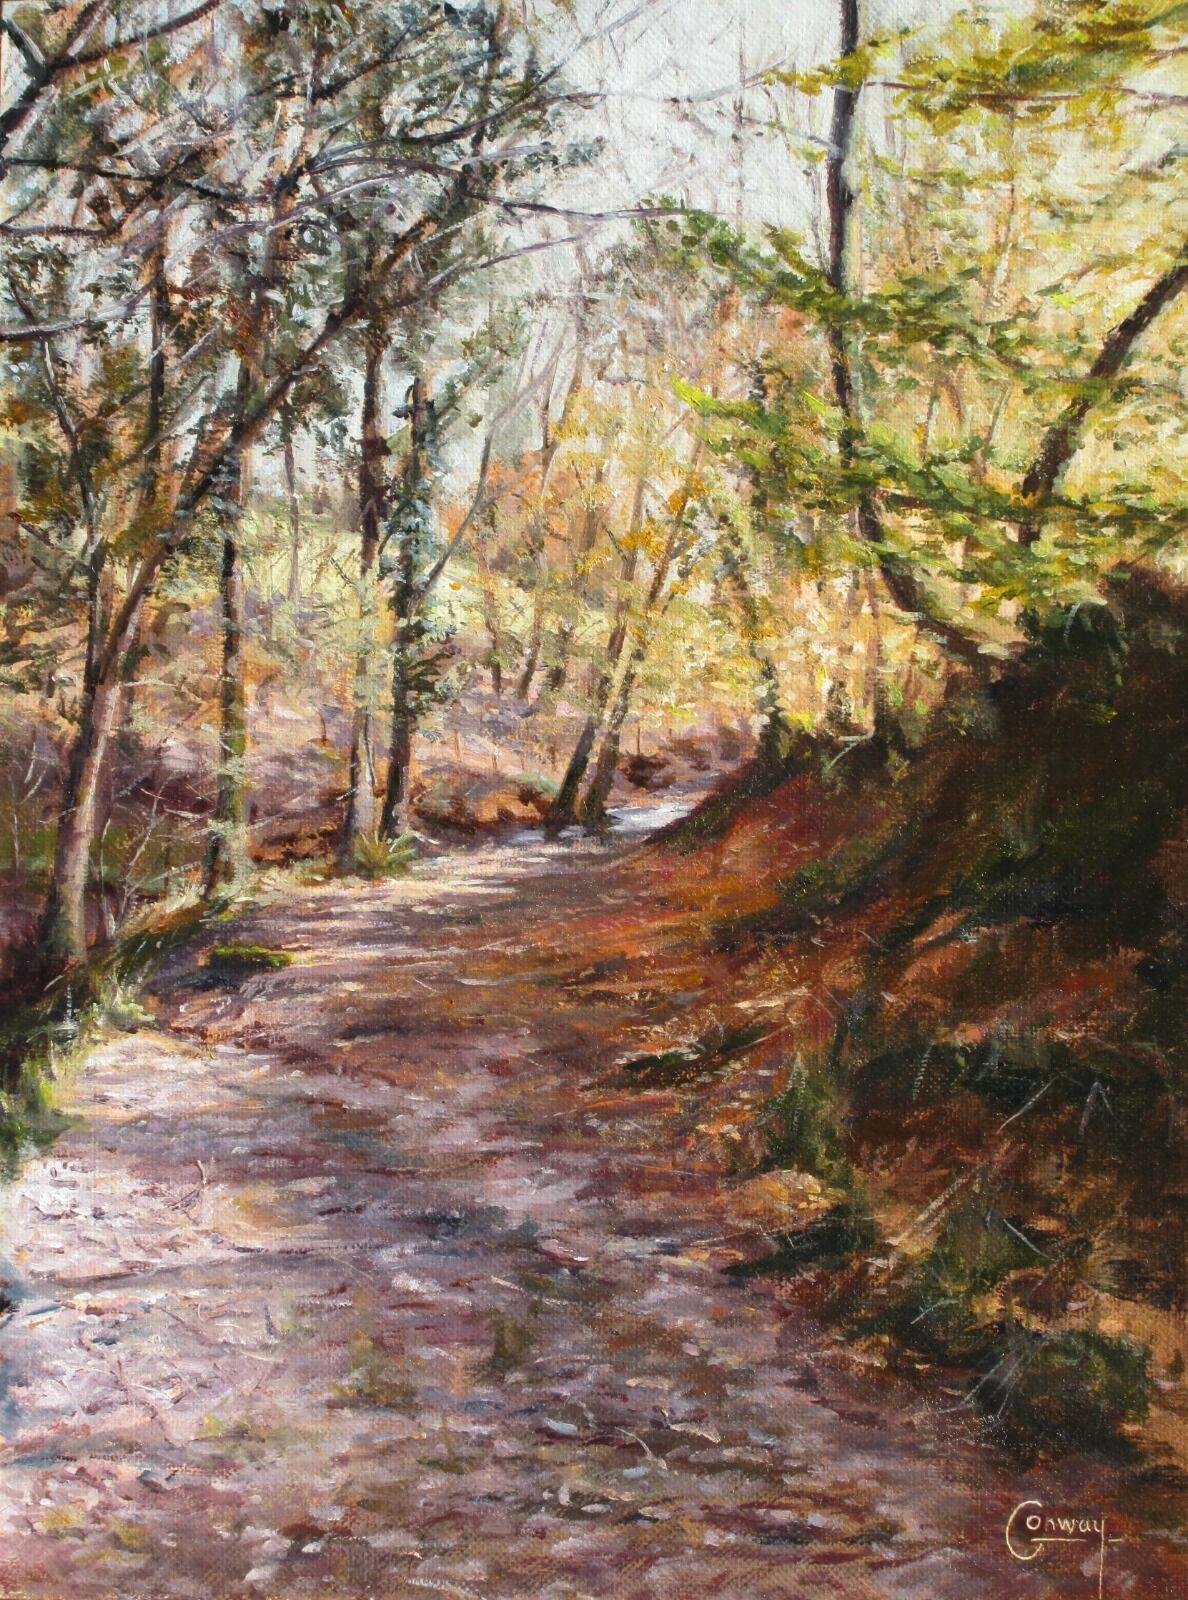 'Glimpse of the Ford Ahead' - Llansawel, Carmarthenshire